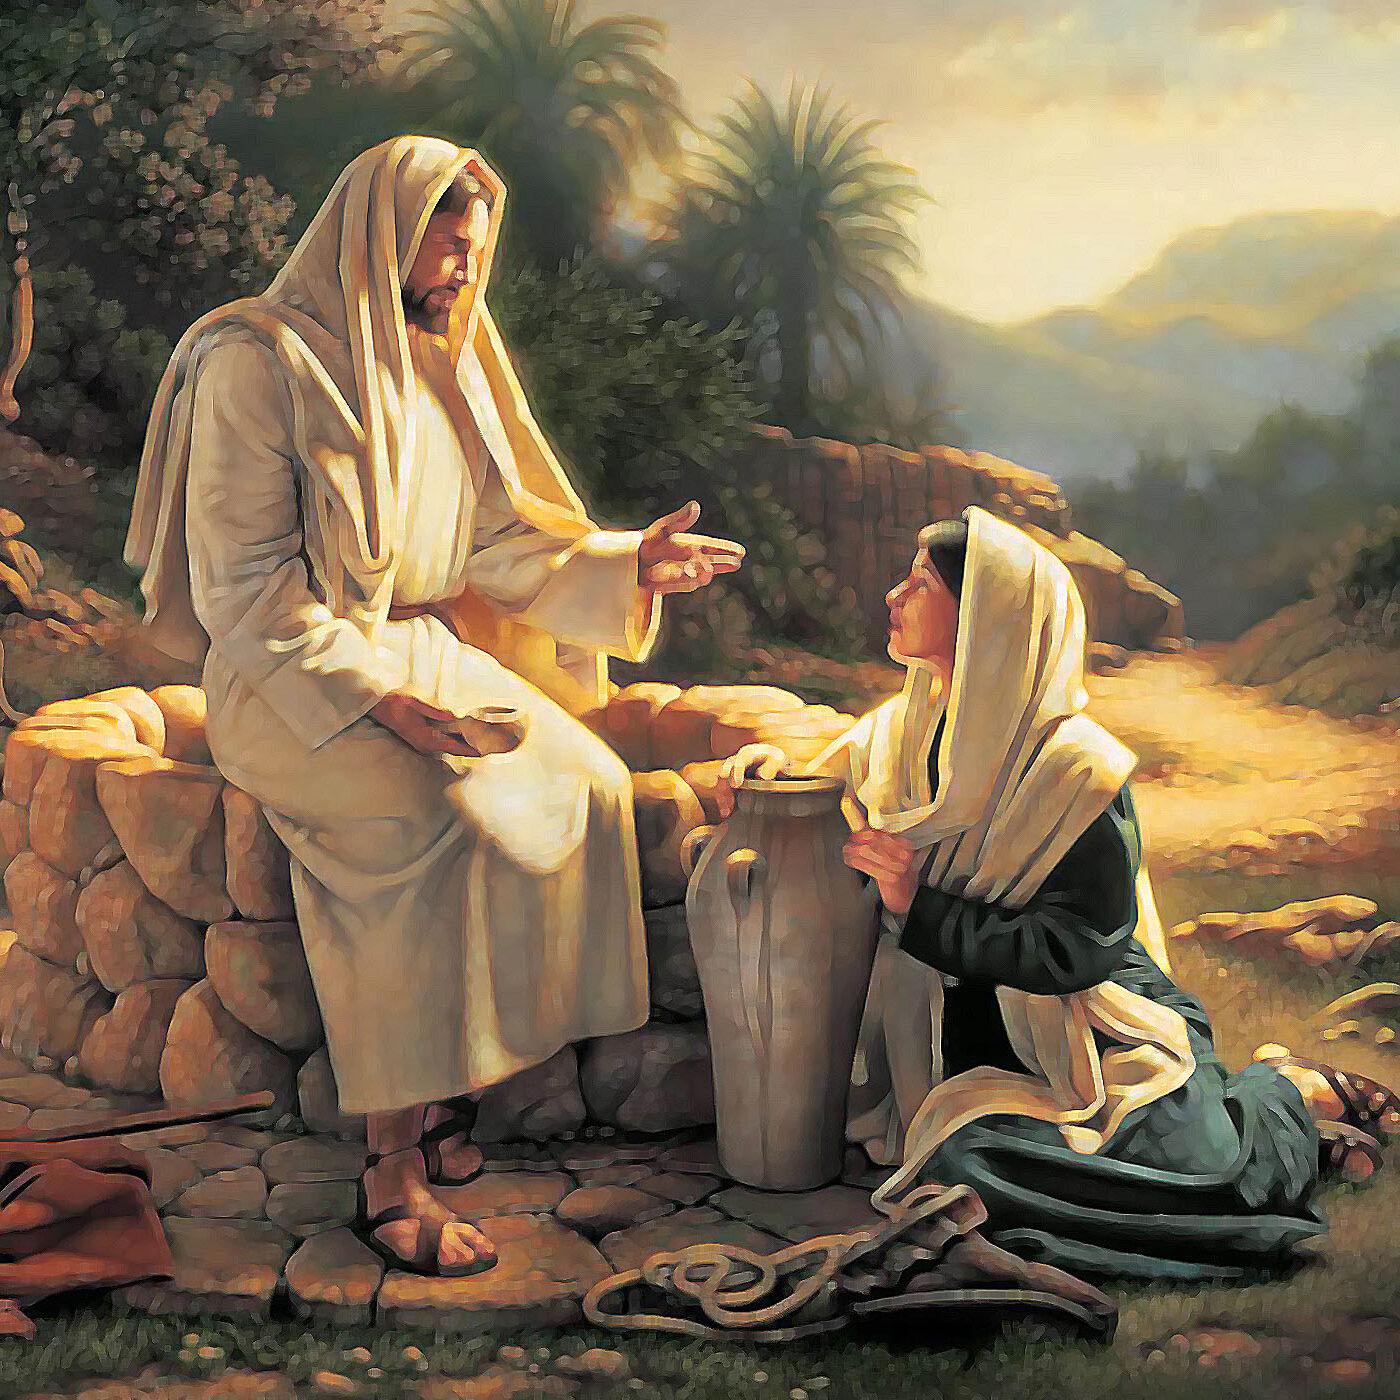 riflessioni sul Vangelo di Lunedì 12 Aprile 2021 (Gv 3, 1-8)